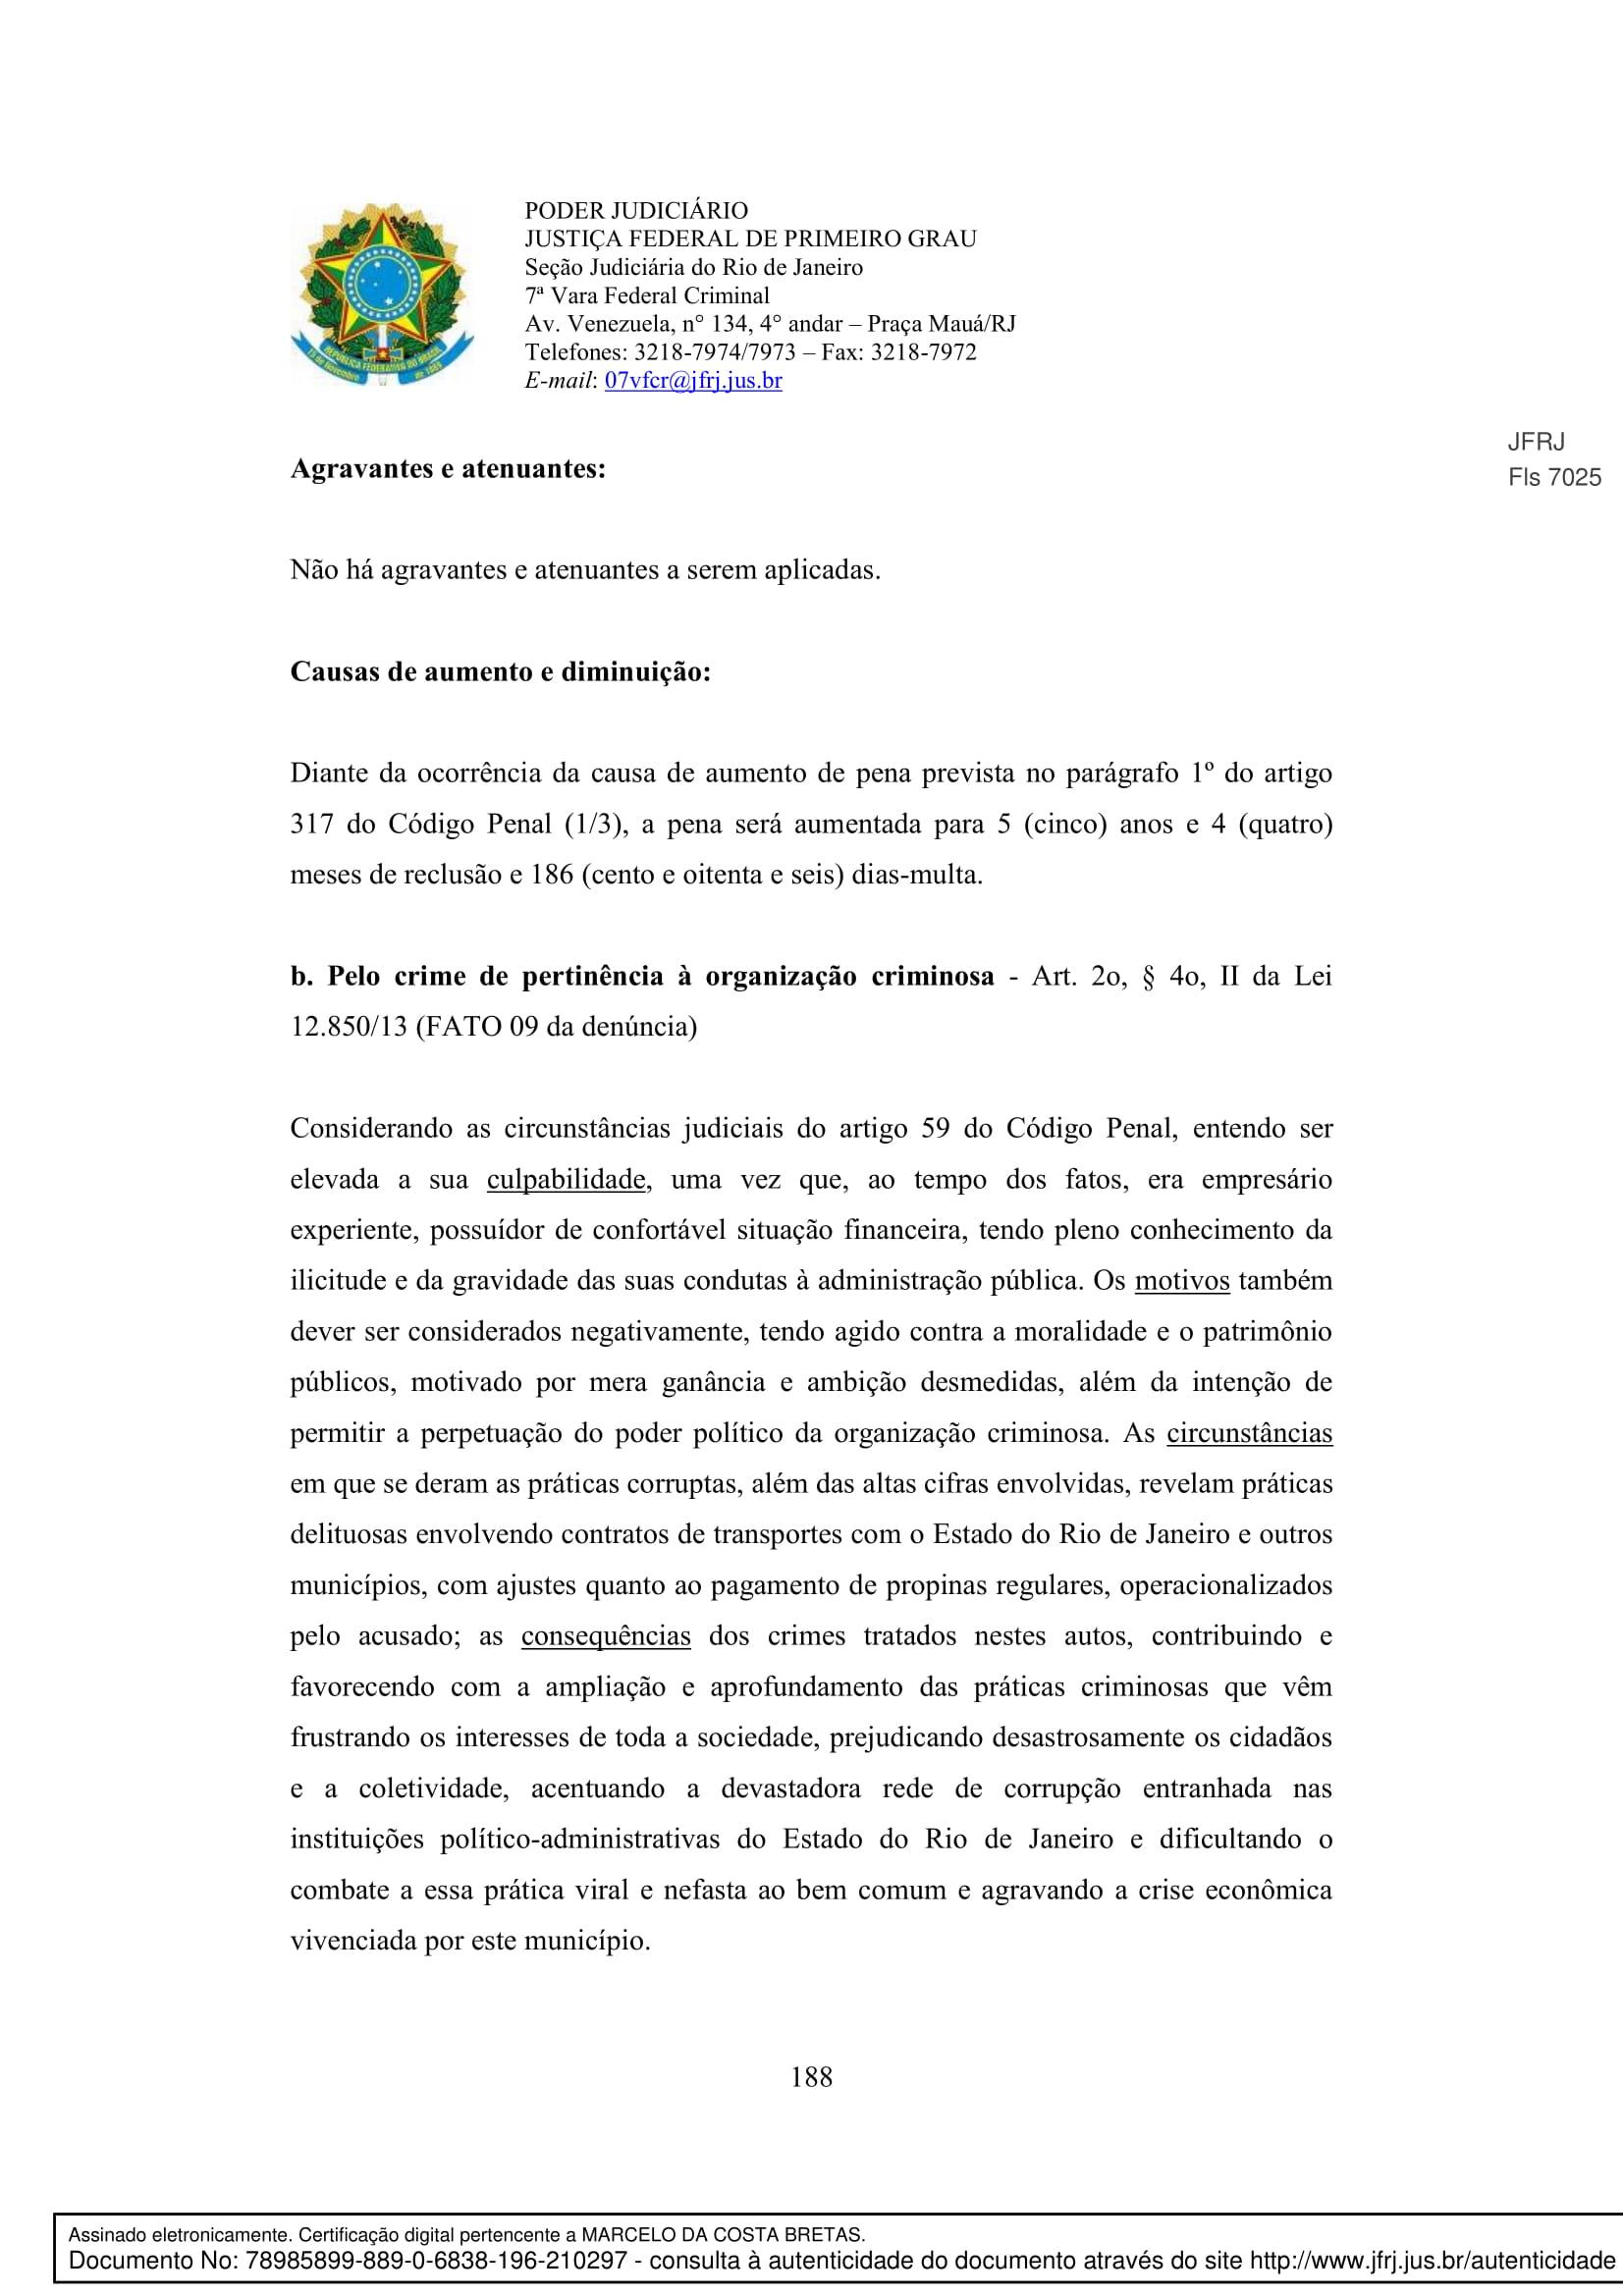 Sentenca-Cadeia-Velha-7VFC-188